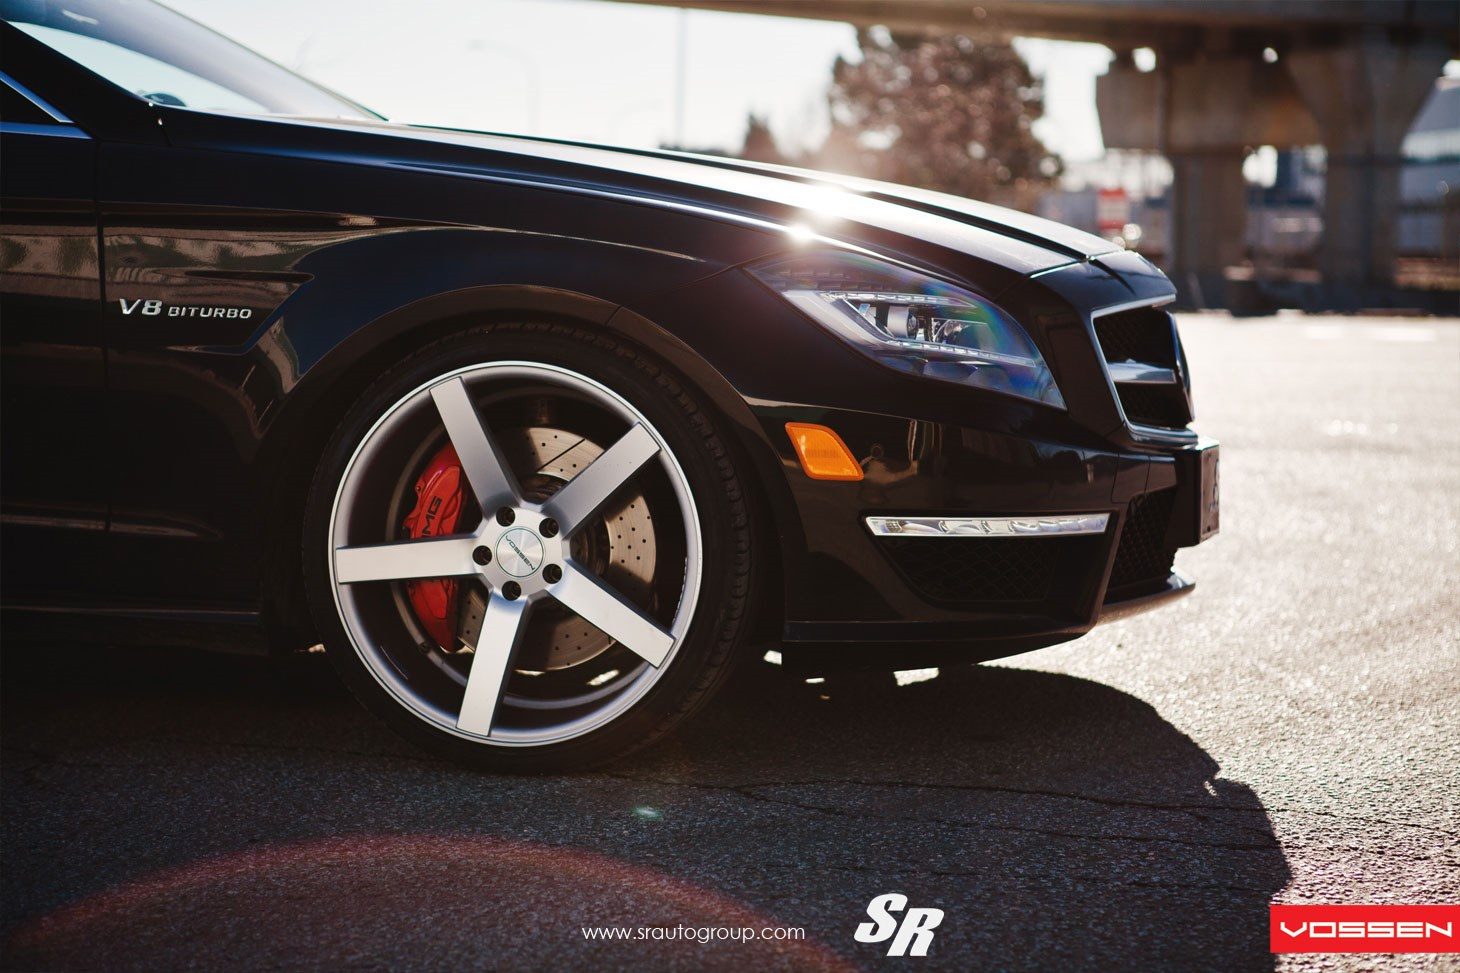 Mercedes Benz Cls Vossen Cv3r Vossen Wheels